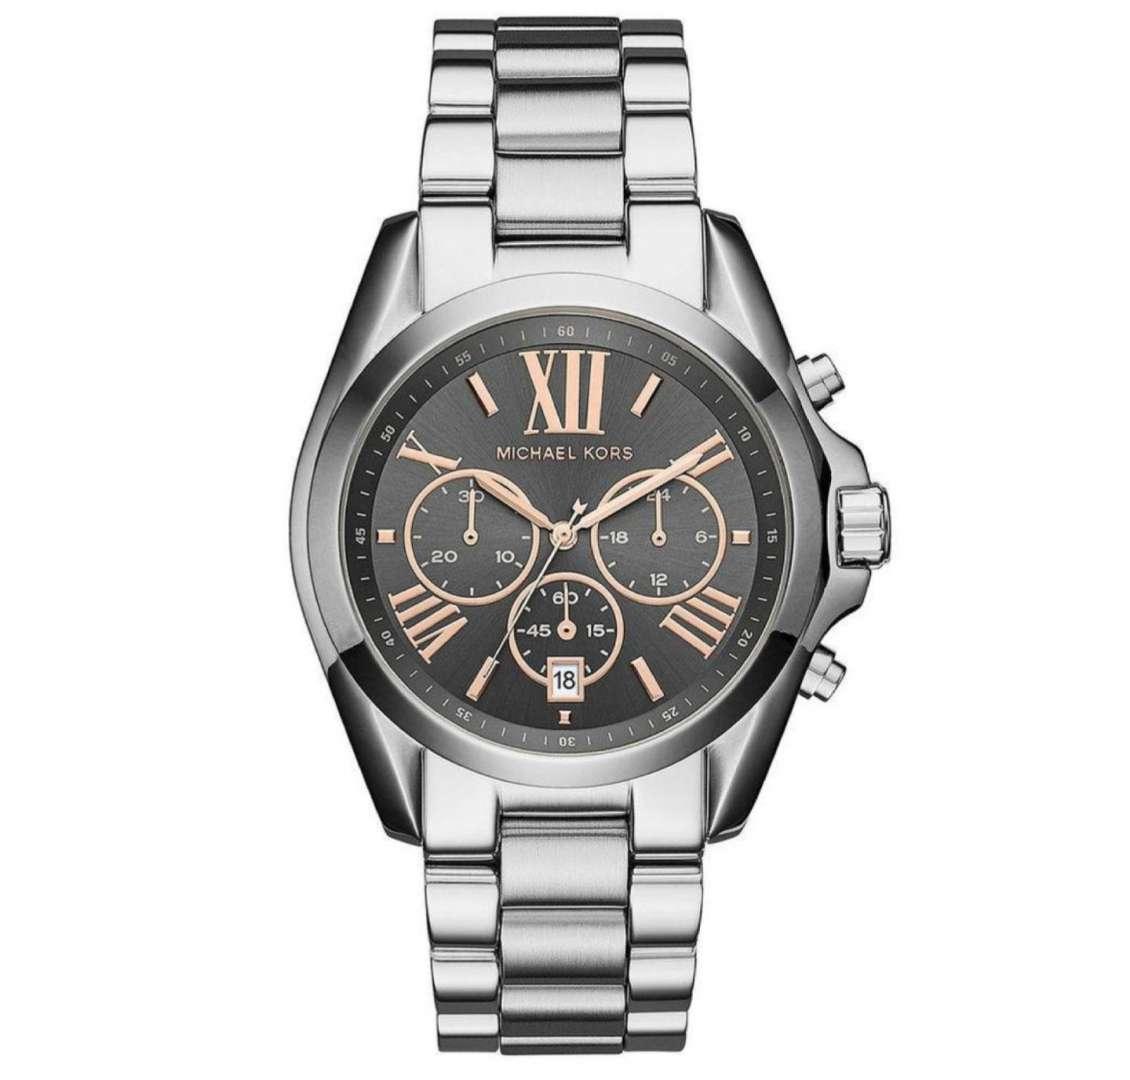 שעון יד אנלוגי לגבר michael kors mk6557 מייקל קורס